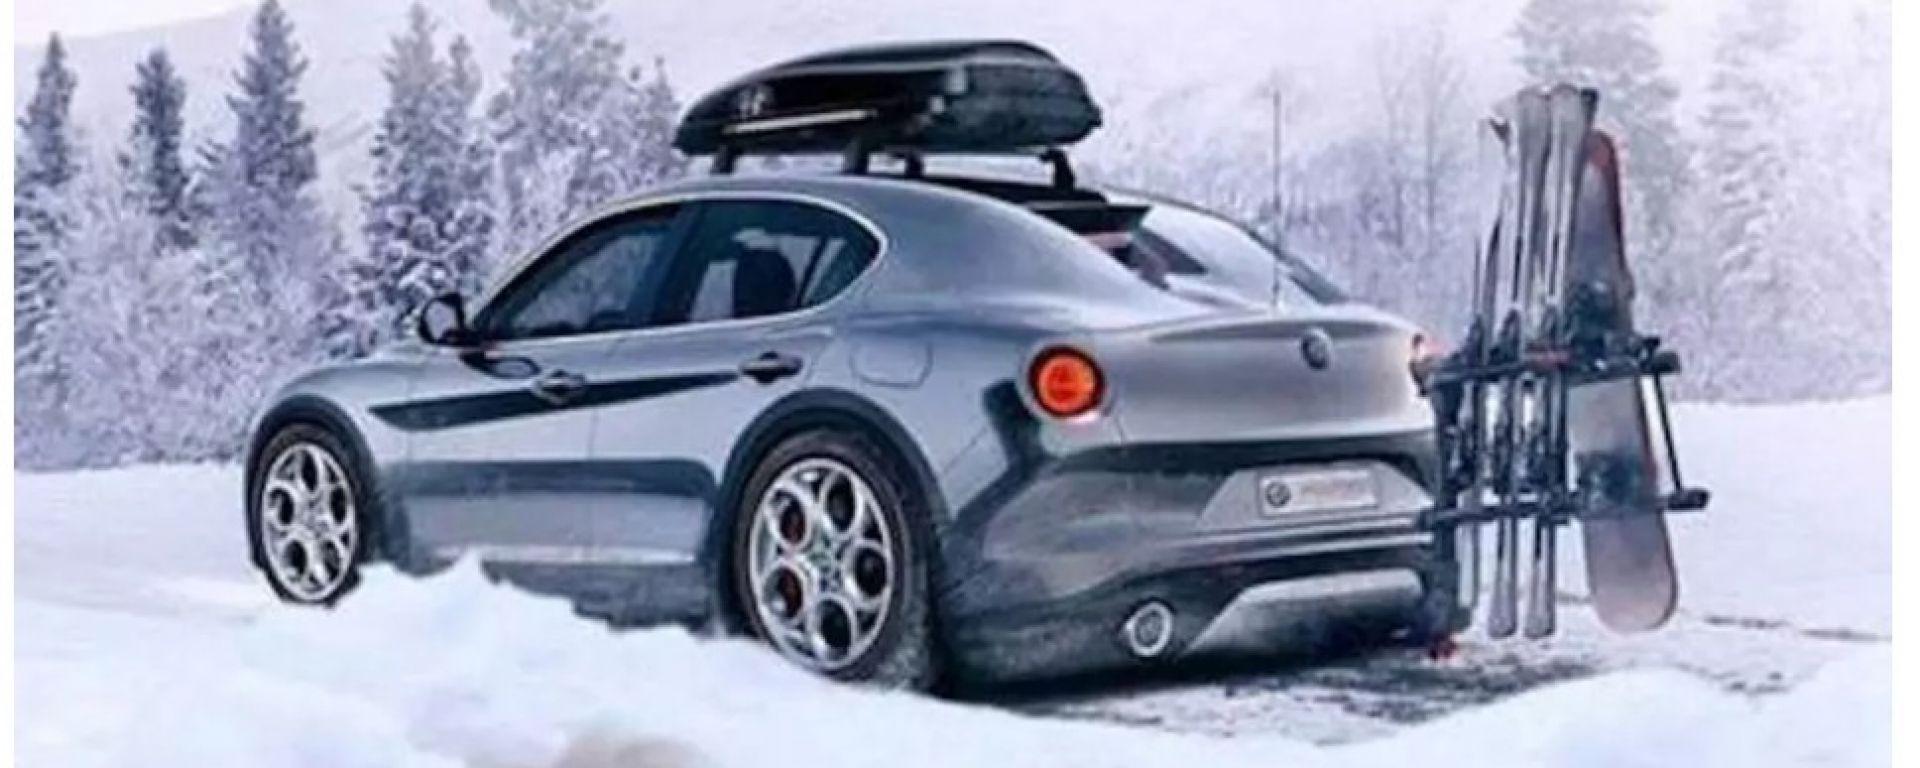 Ecco il bozzetto di un fan di un possibile nuovo SUV Alfa Romeo